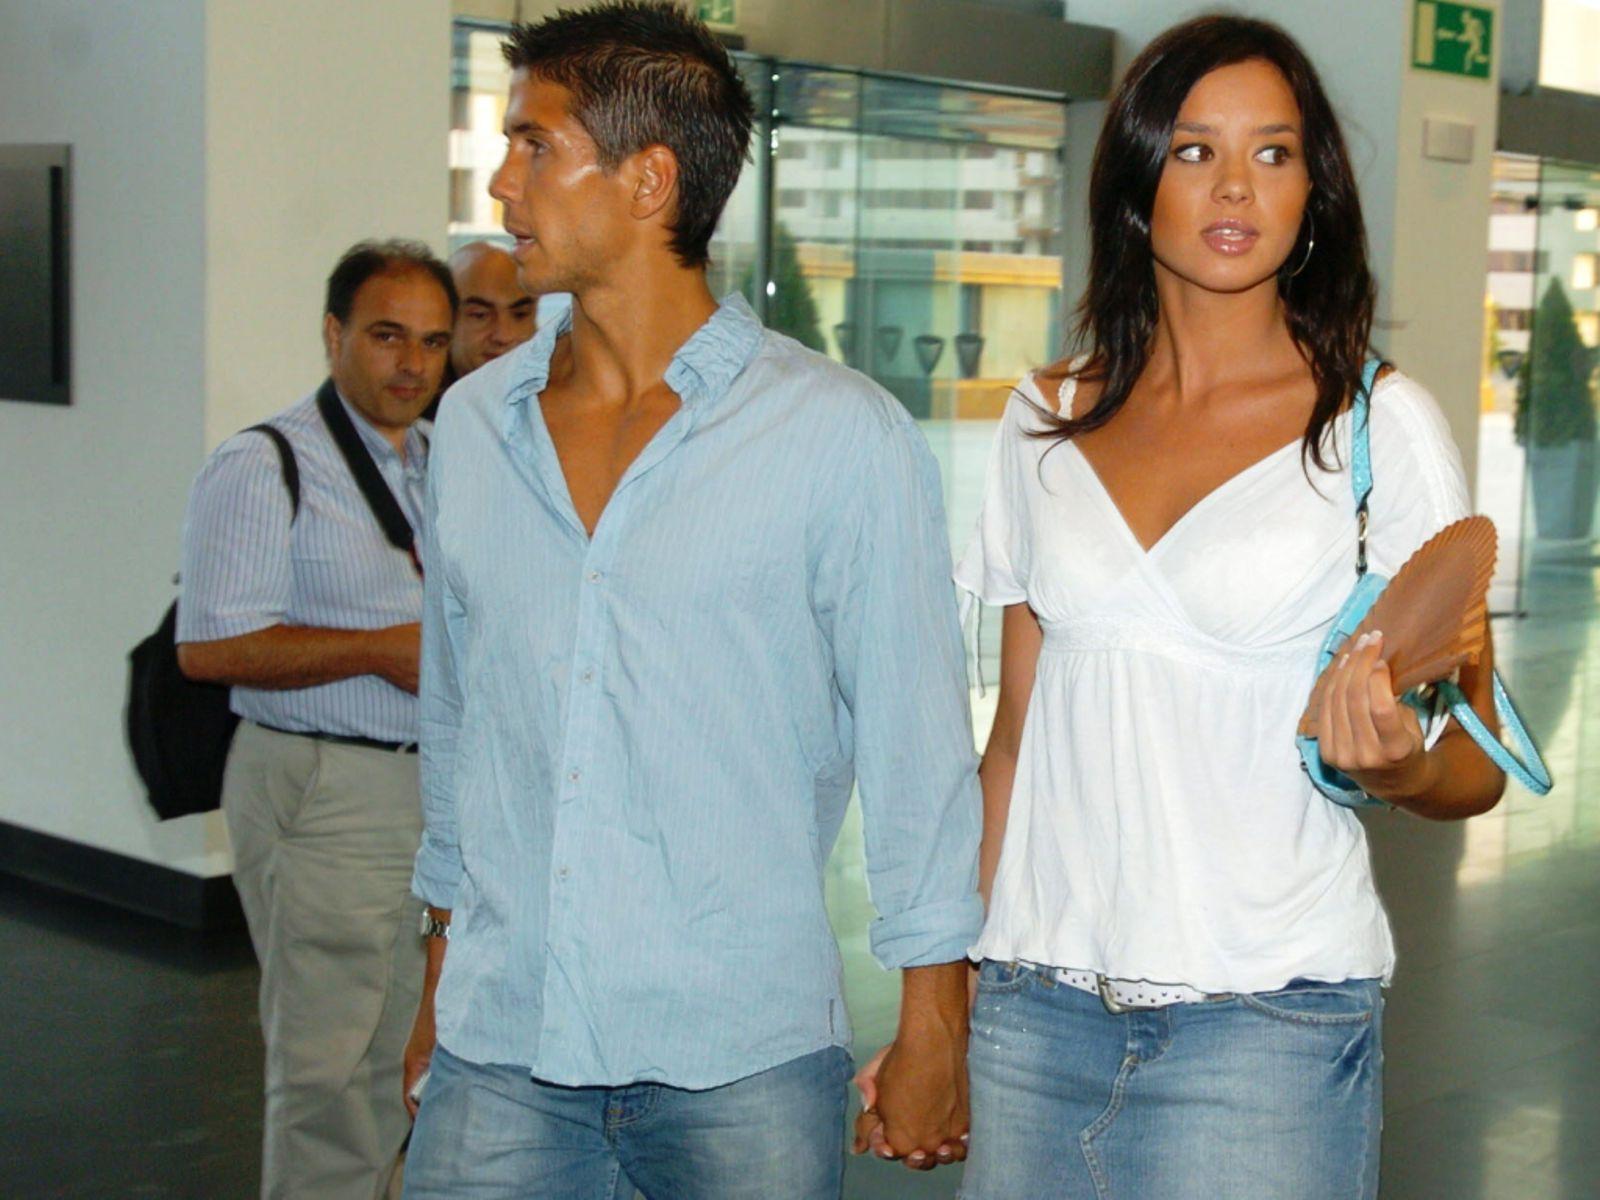 Verdasco wife fernando Ana Boyer